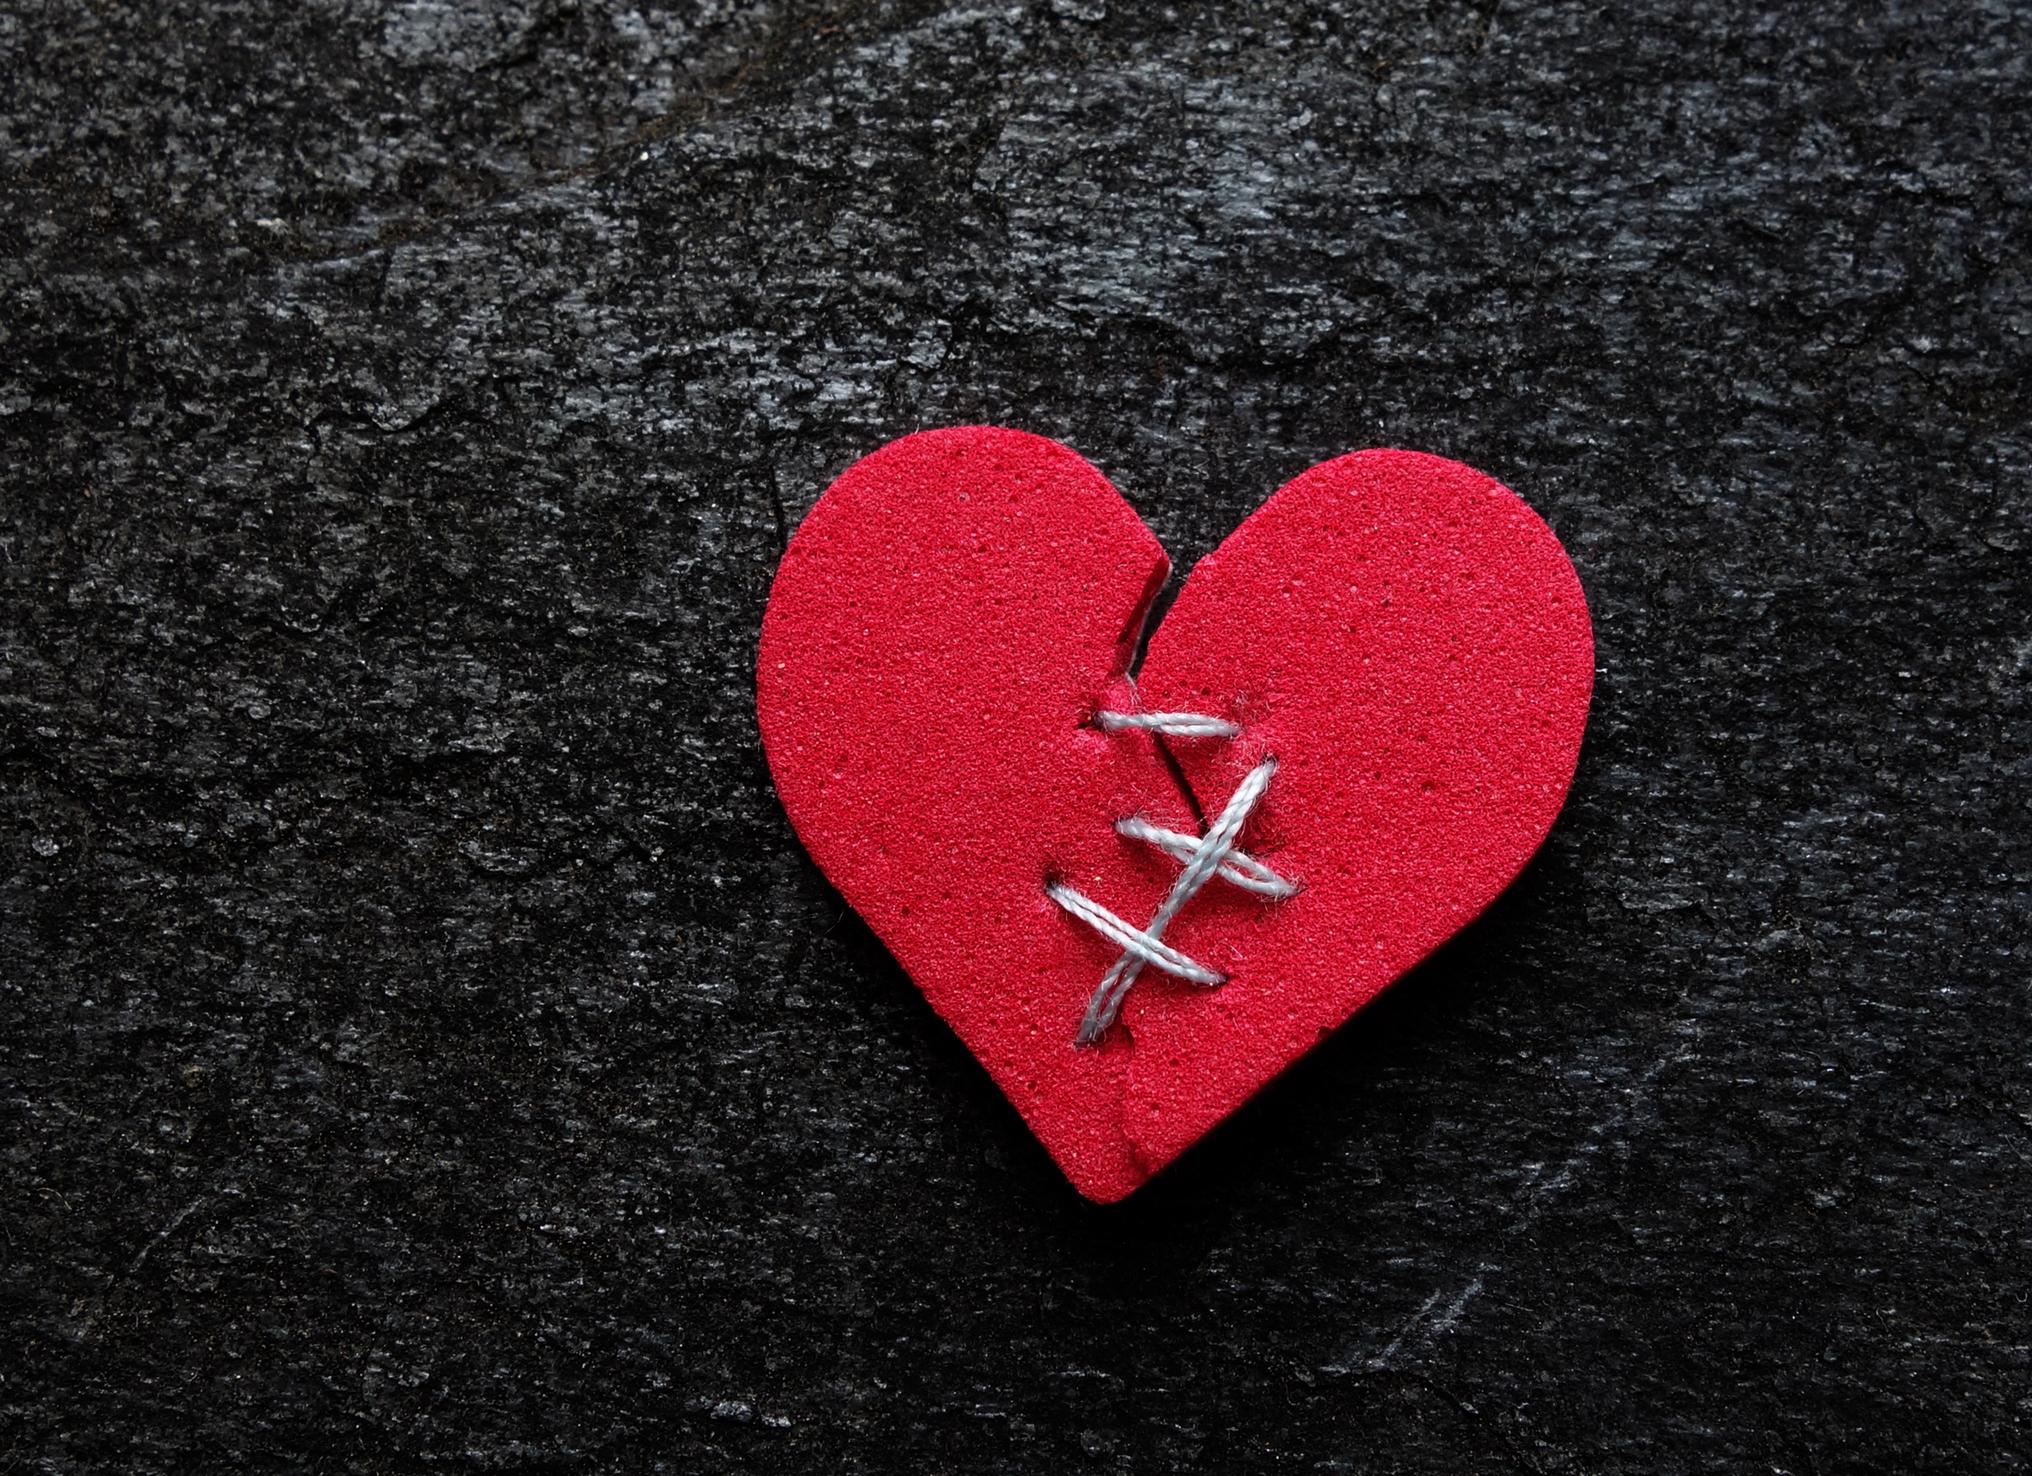 Heart broken 47 Best